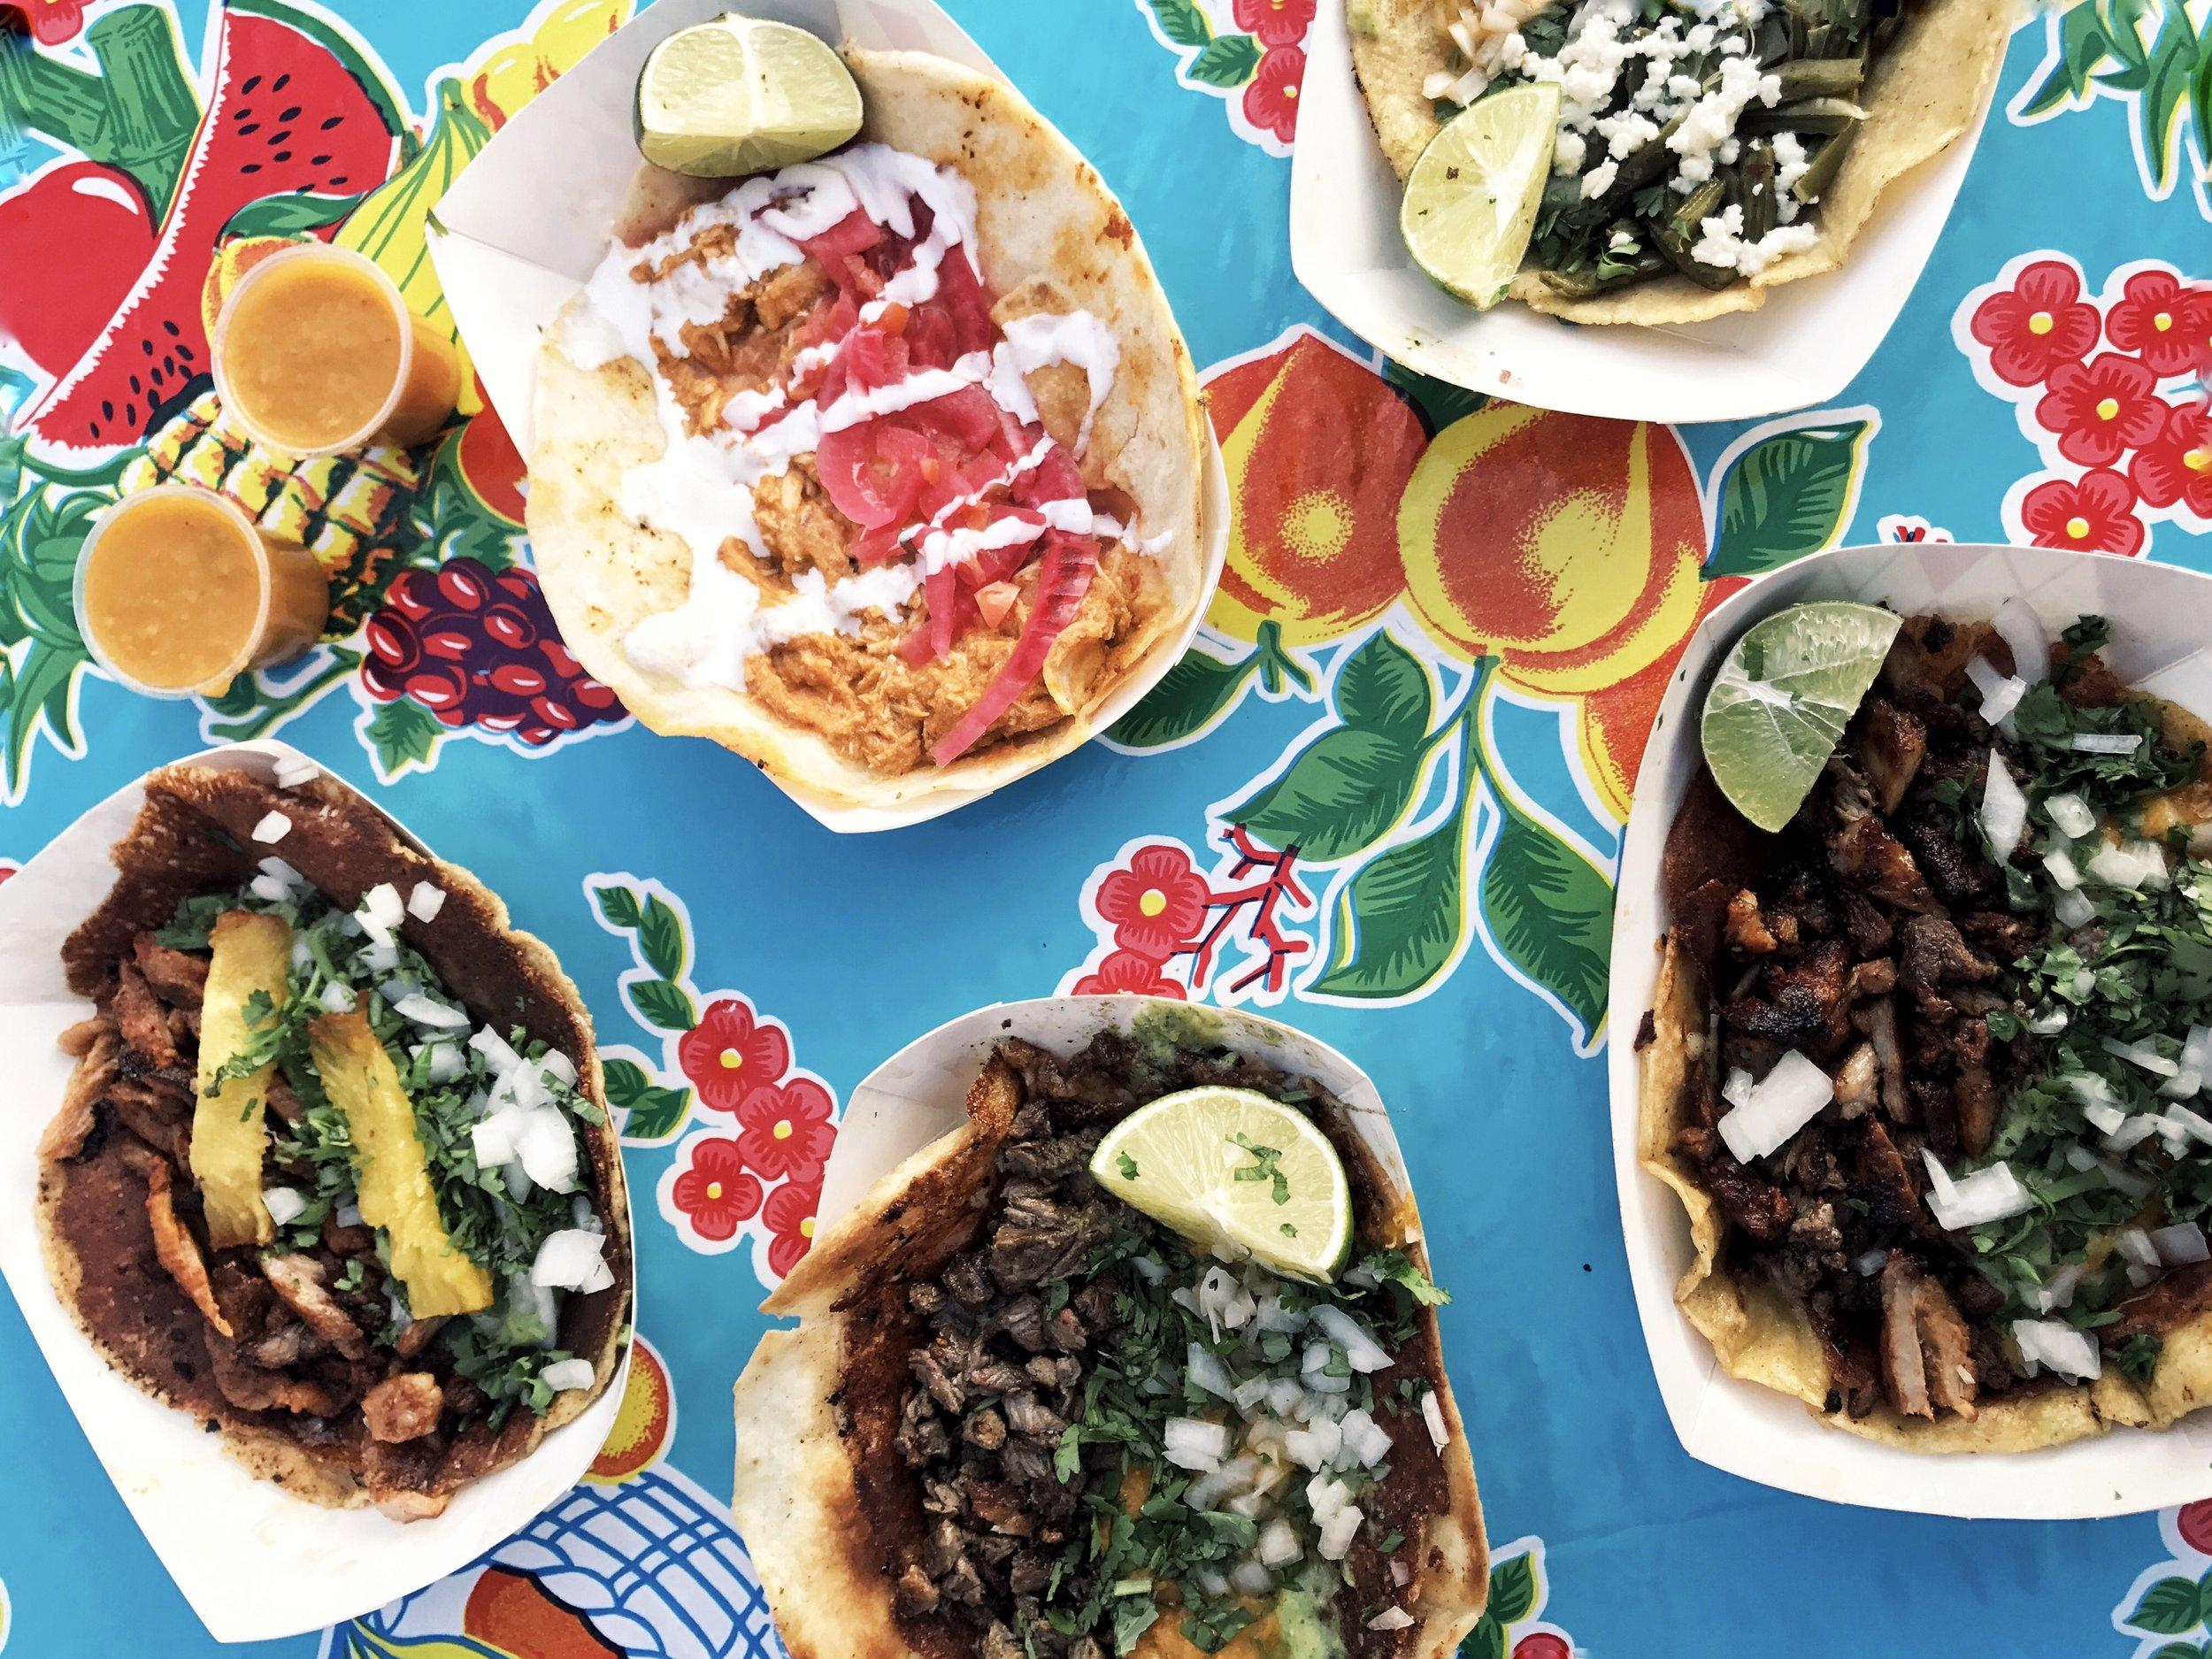 Best Tacos in Austin, Texas - Vaquero Taquero - www.tresgigi.com